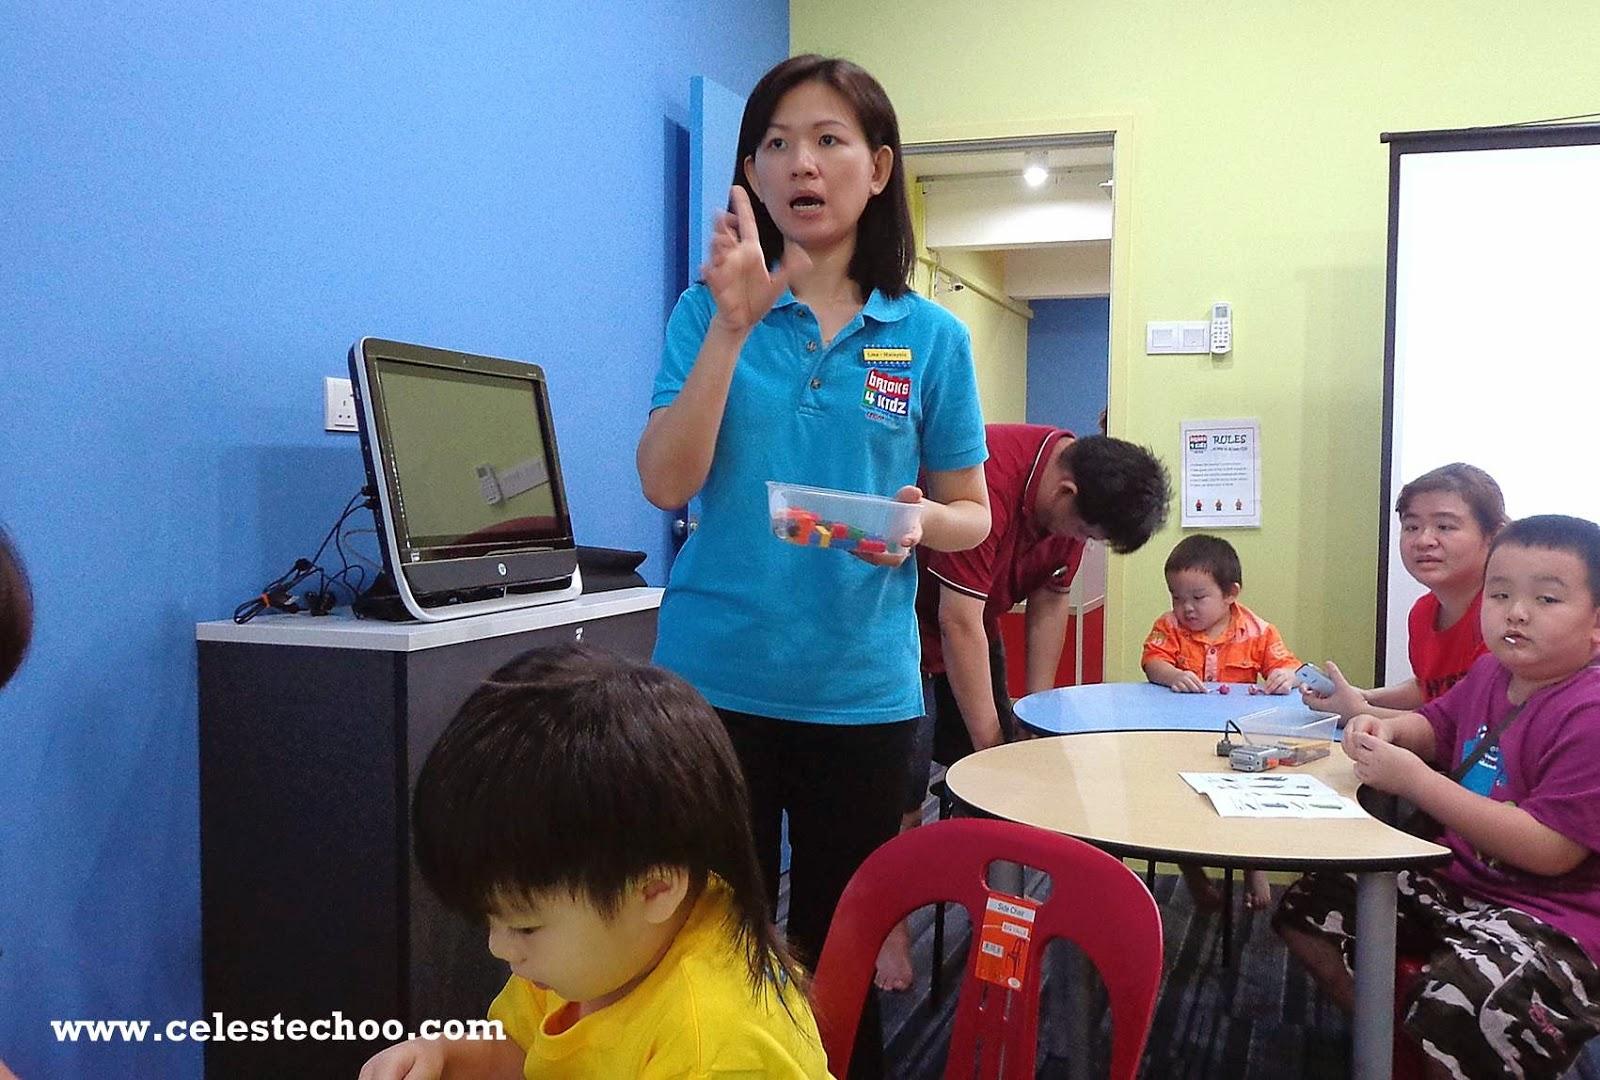 image-bricks-4-kidz-kota-damansara-malaysia-director